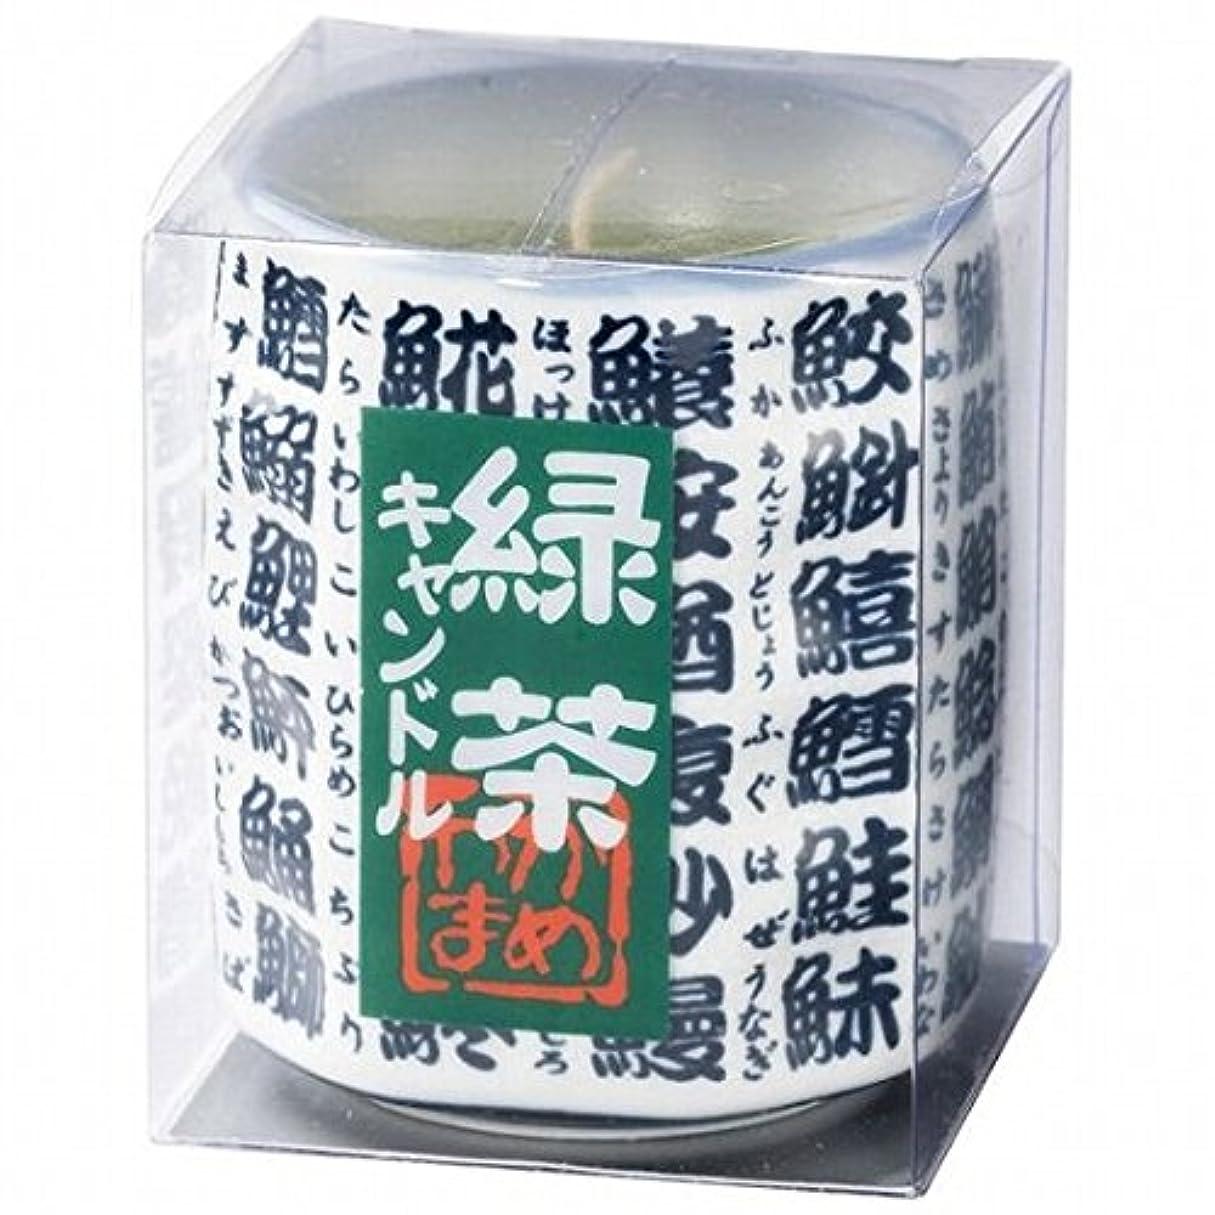 尋ねる敬の念第九kameyama candle(カメヤマキャンドル) 緑茶キャンドル(86070000)